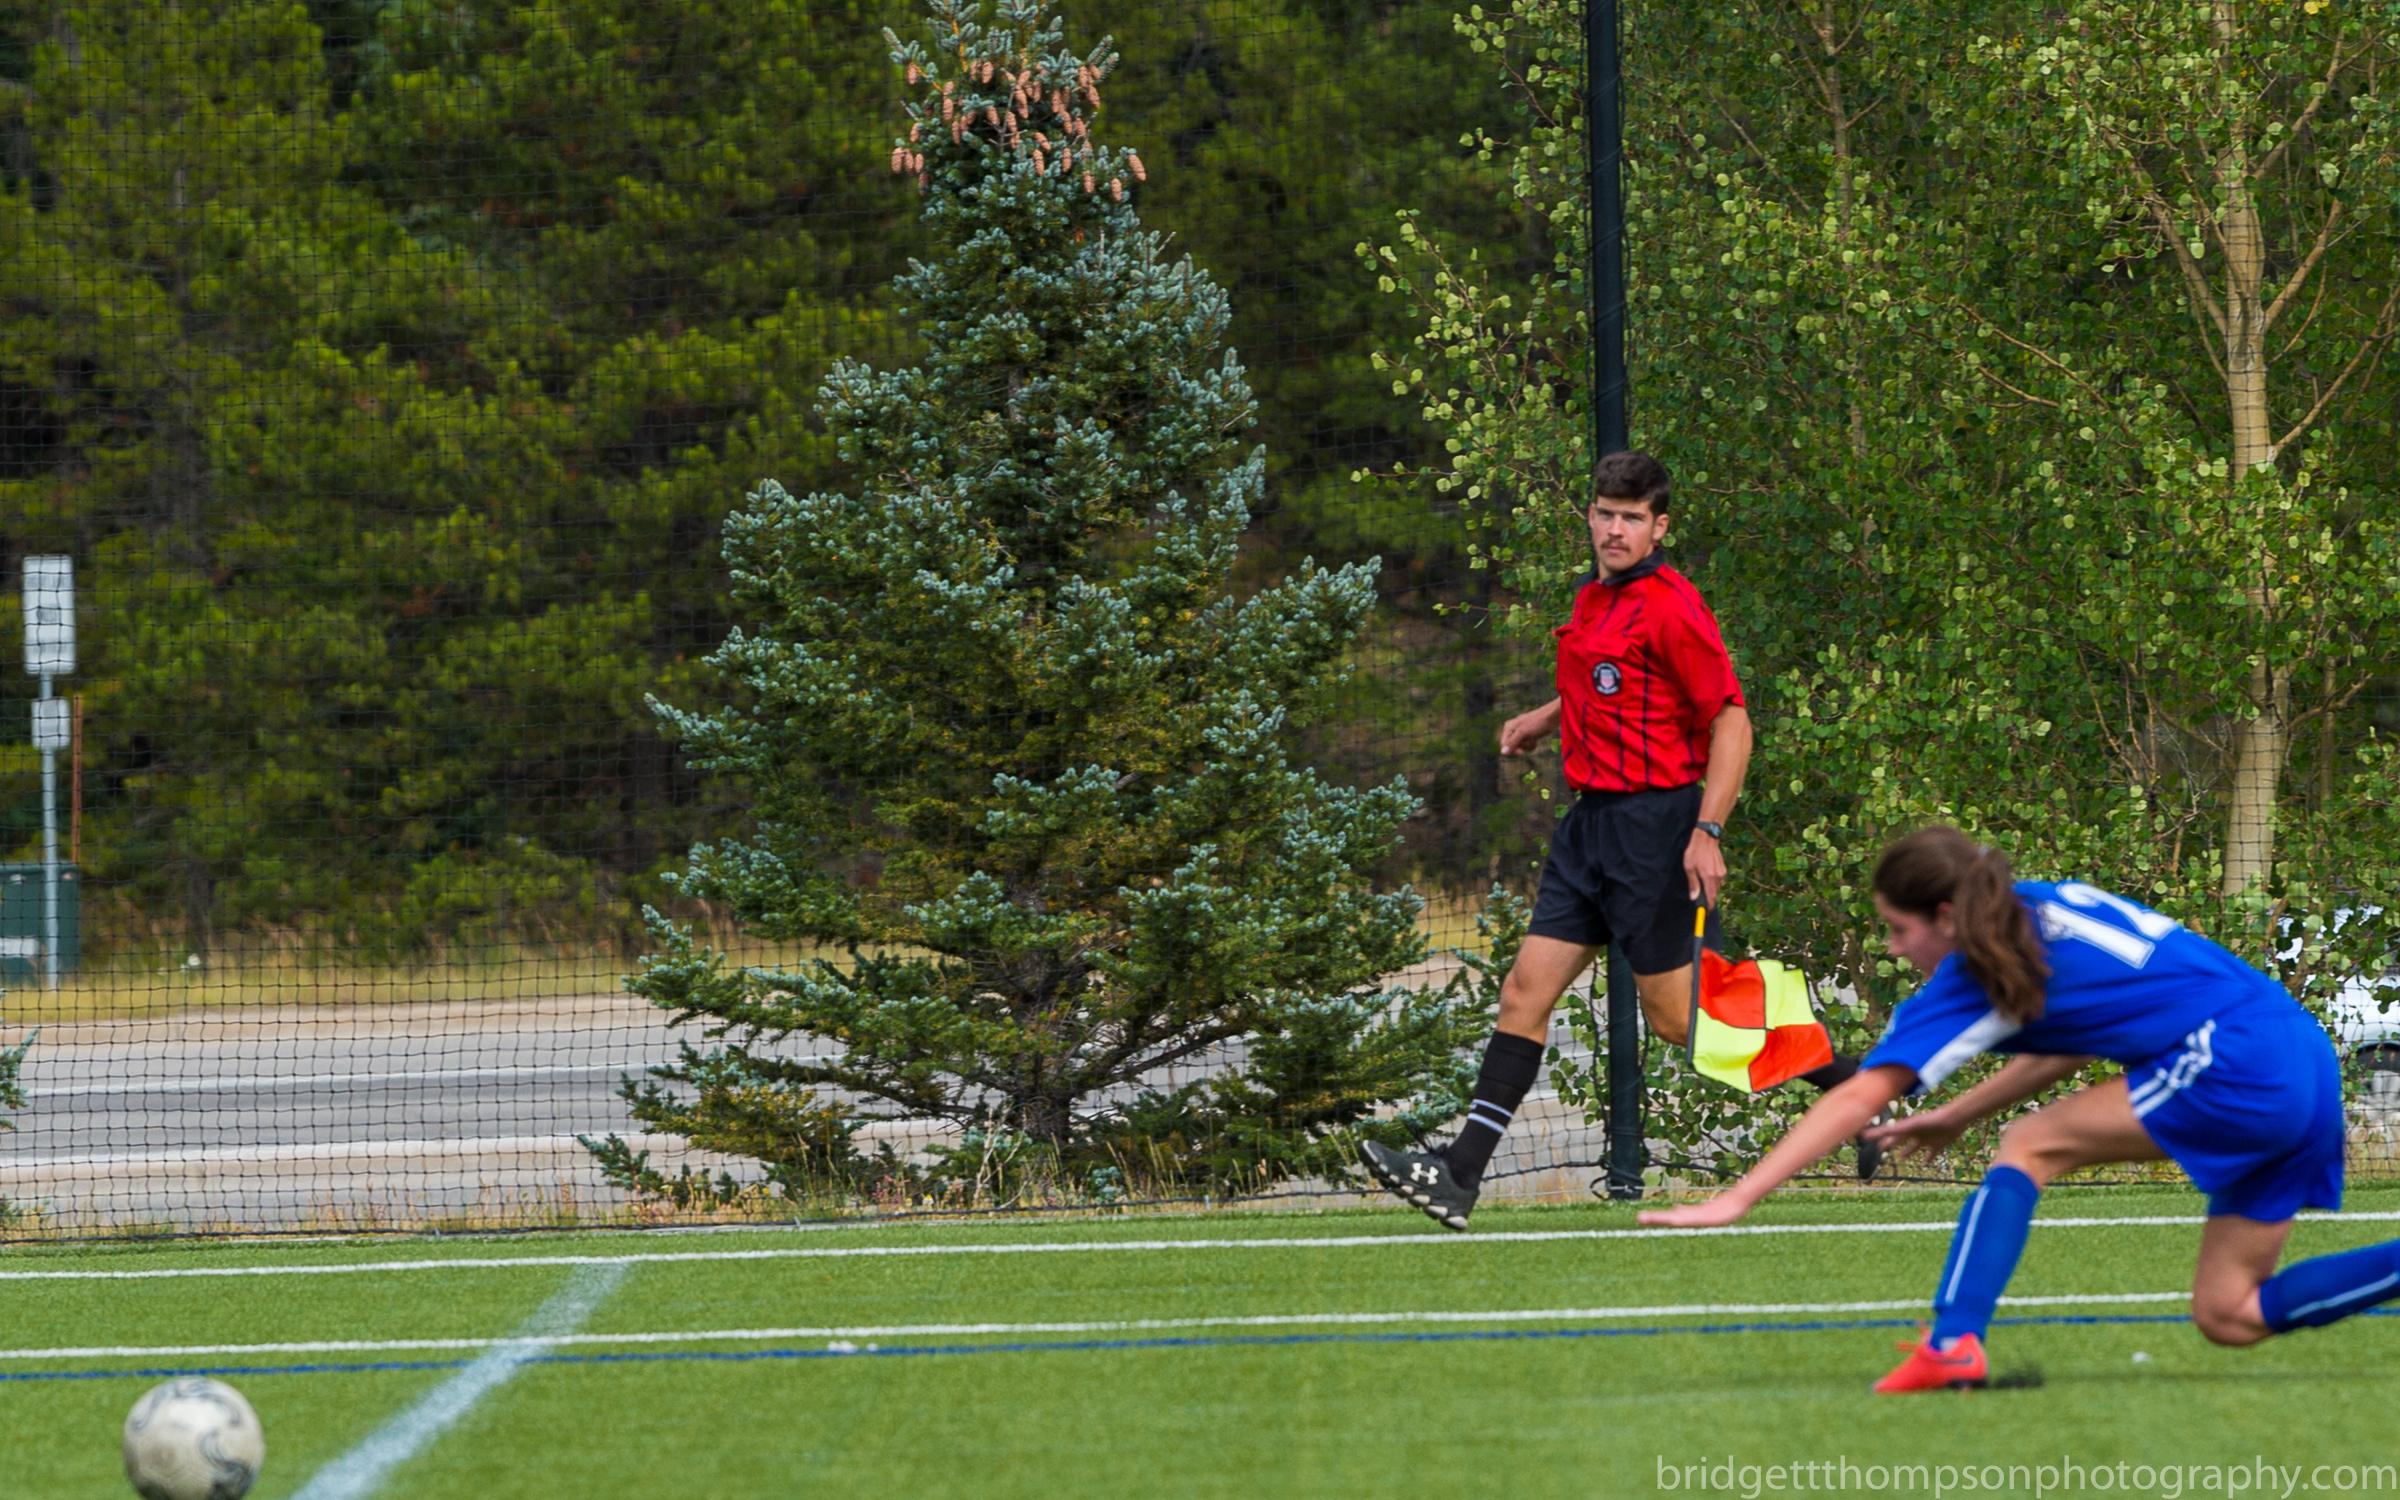 colorado club soccer u19  high country bridgett thomposn fall 2017 batch 3--073.jpg